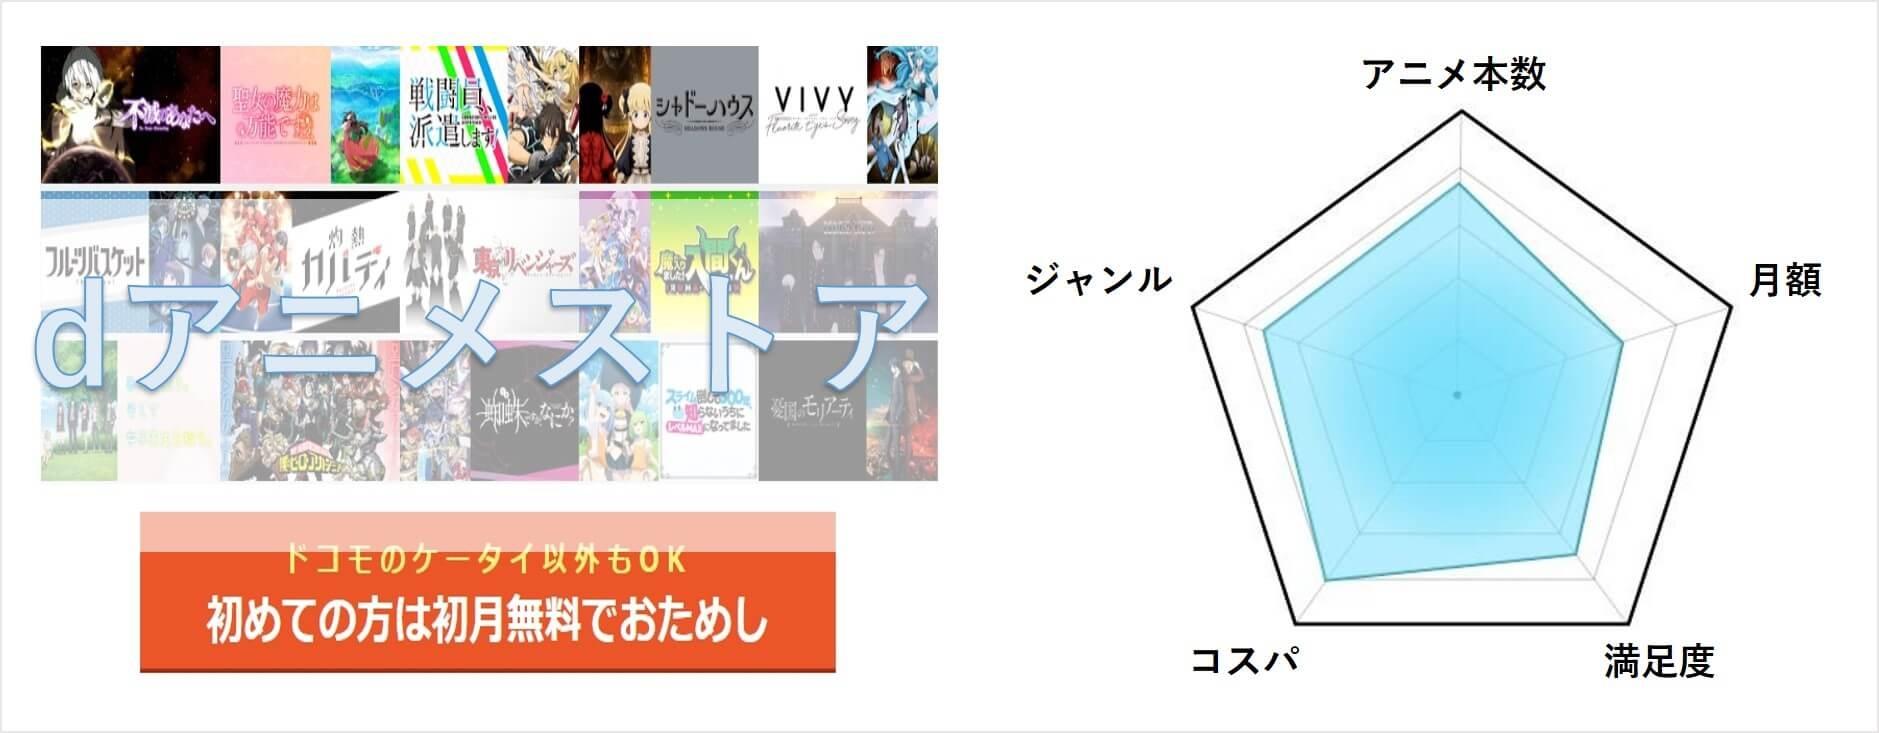 第3位「dアニメストア」